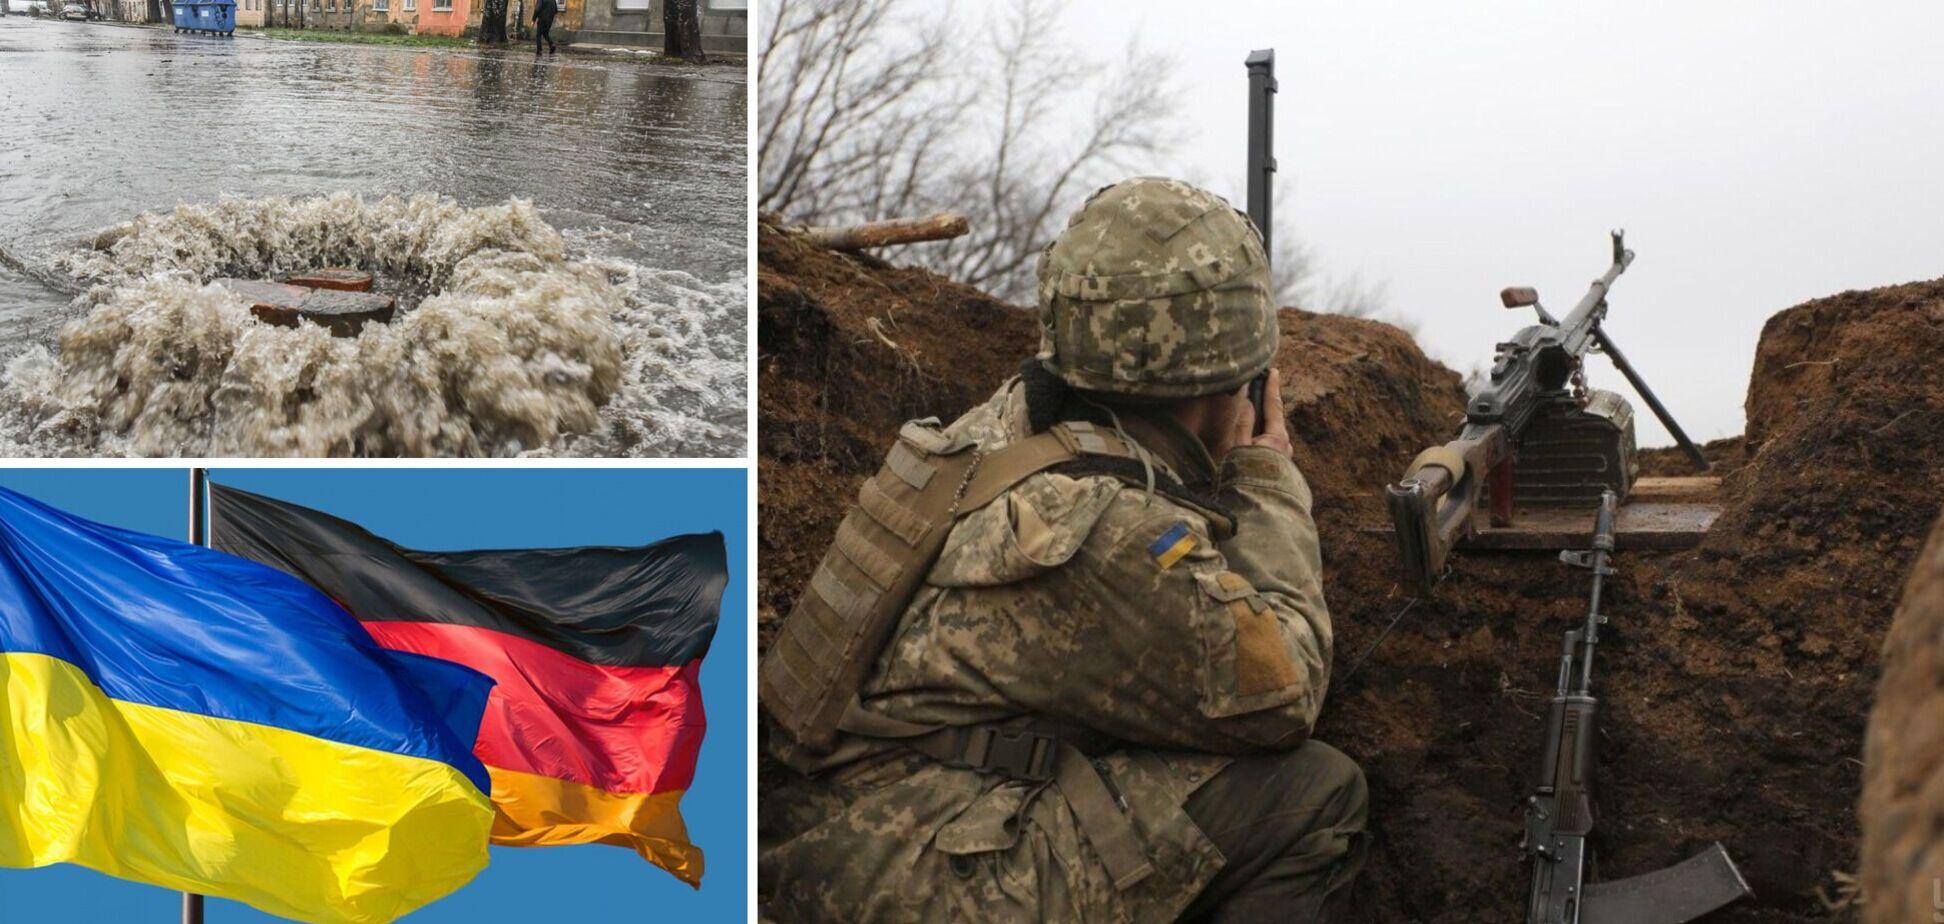 Новости Украины: требования Германии по Донбассу и Одесса под водой